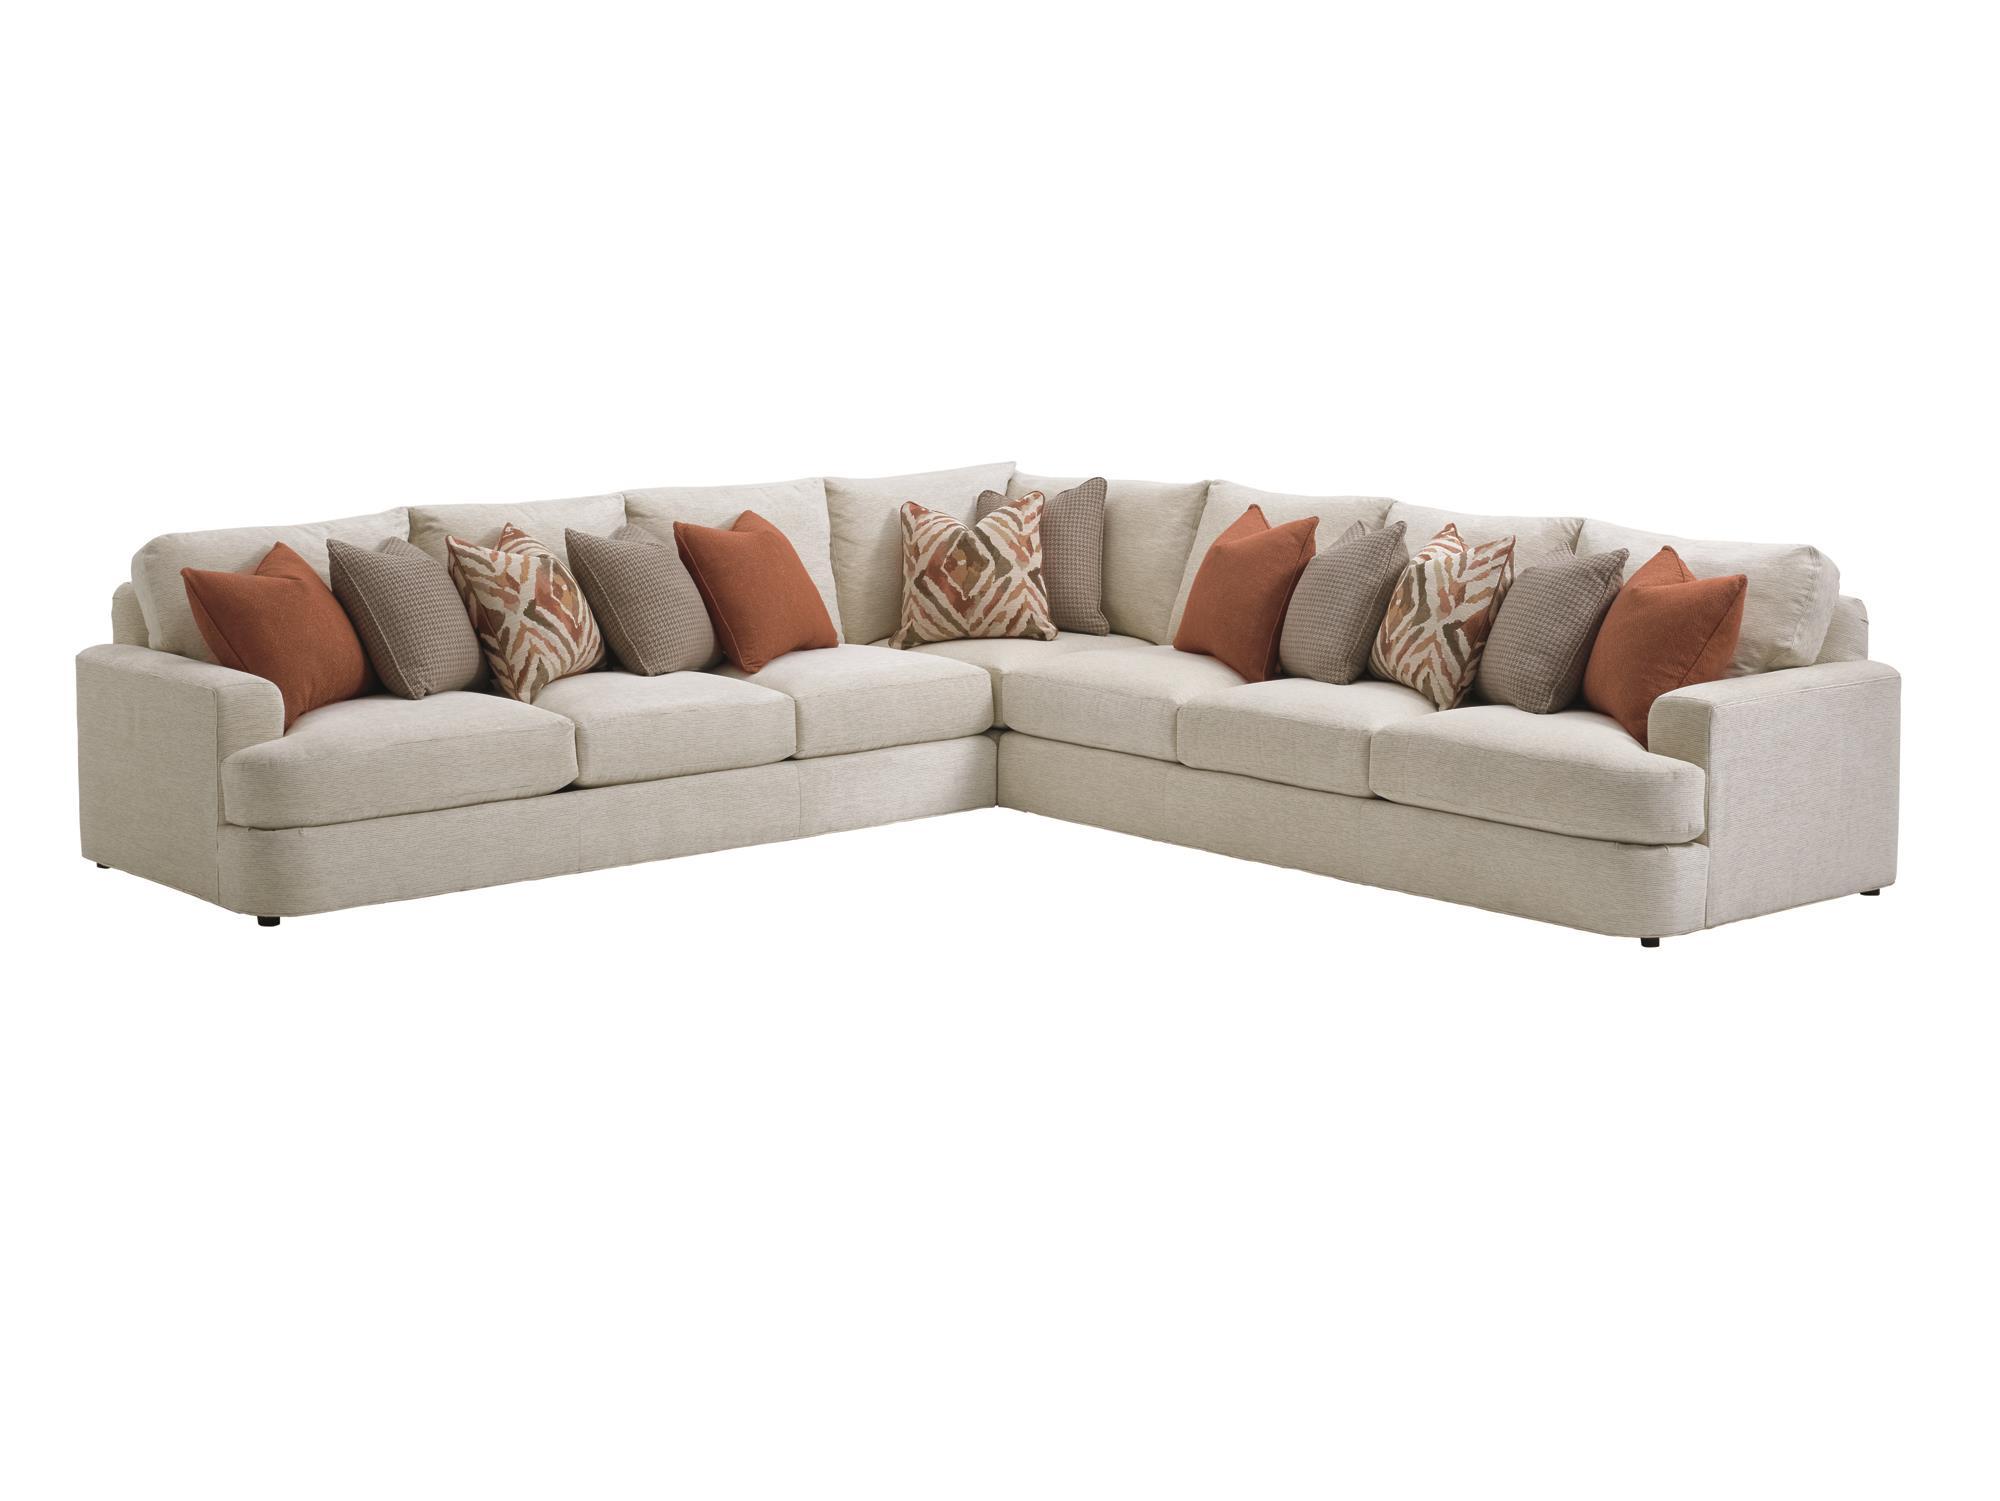 lexington sectional sofa cloth online laurel canyon halandale two piece